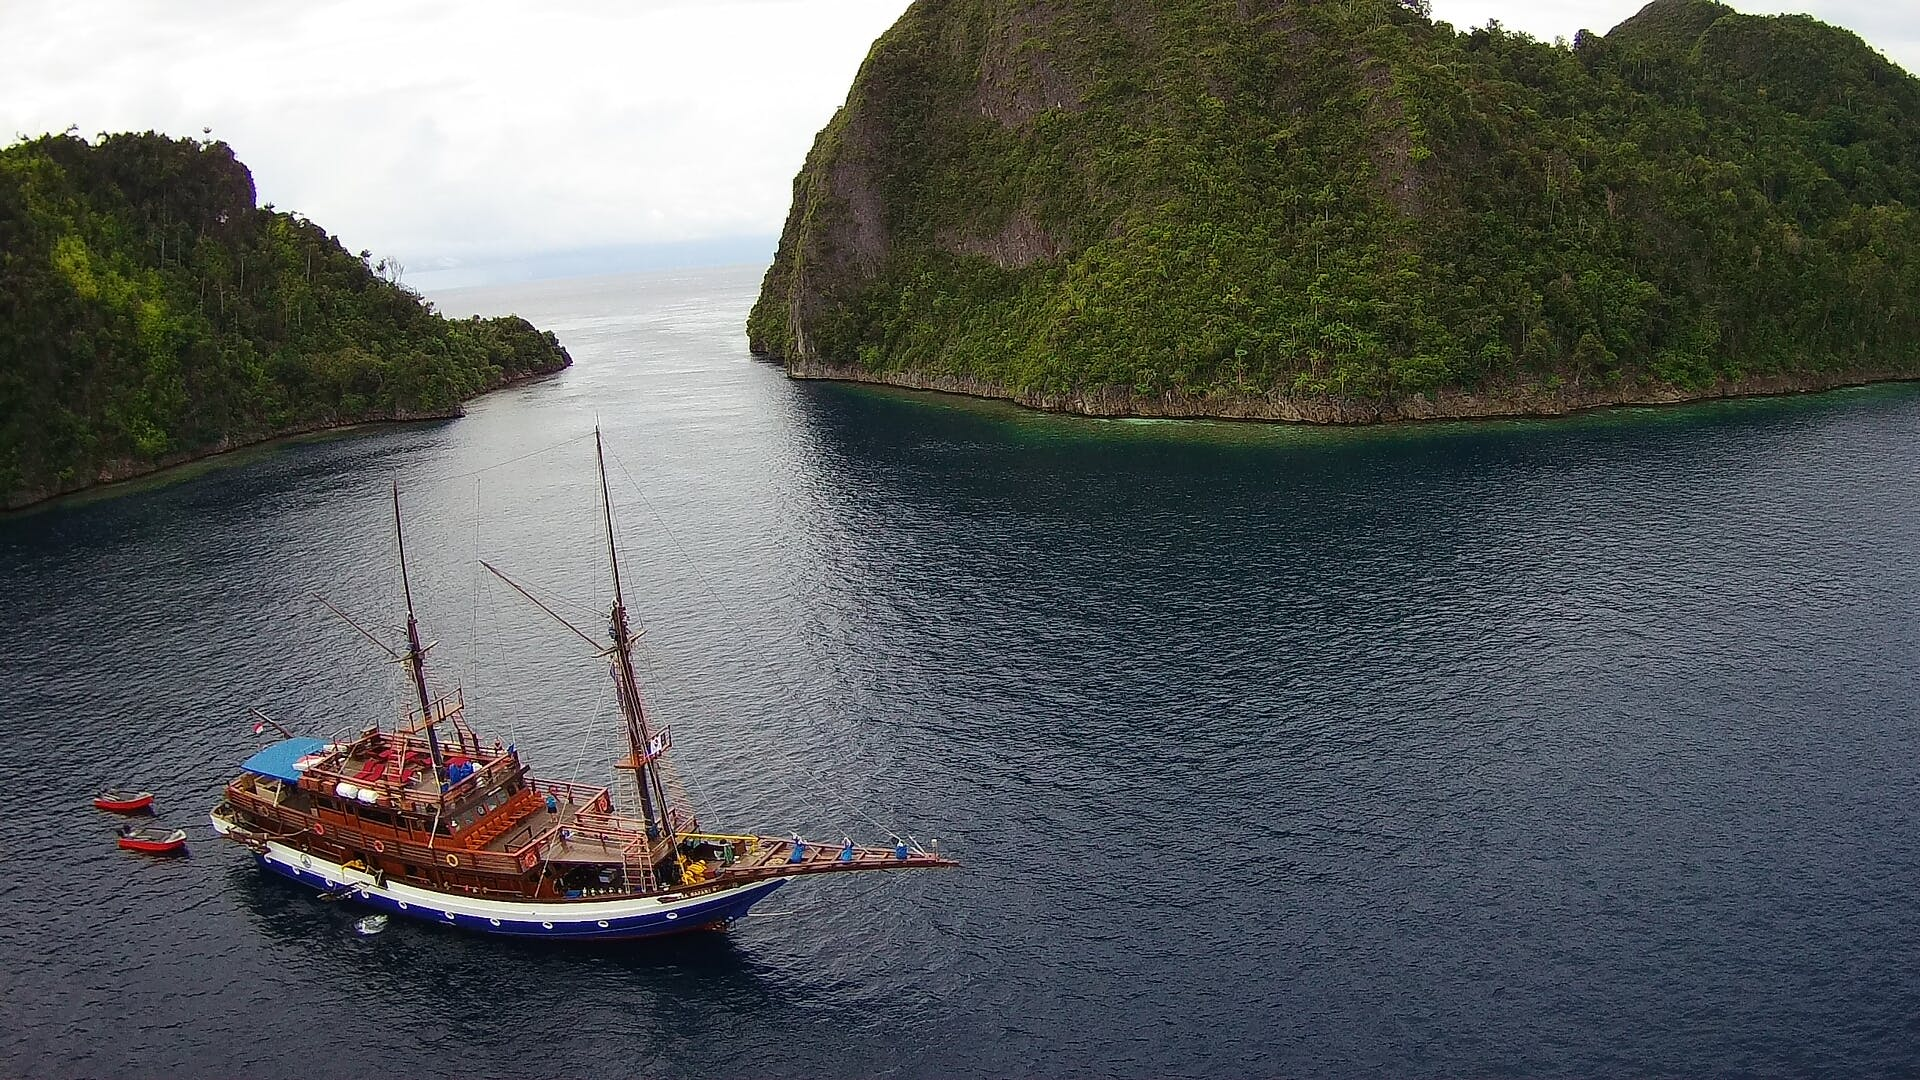 água, baía, barco